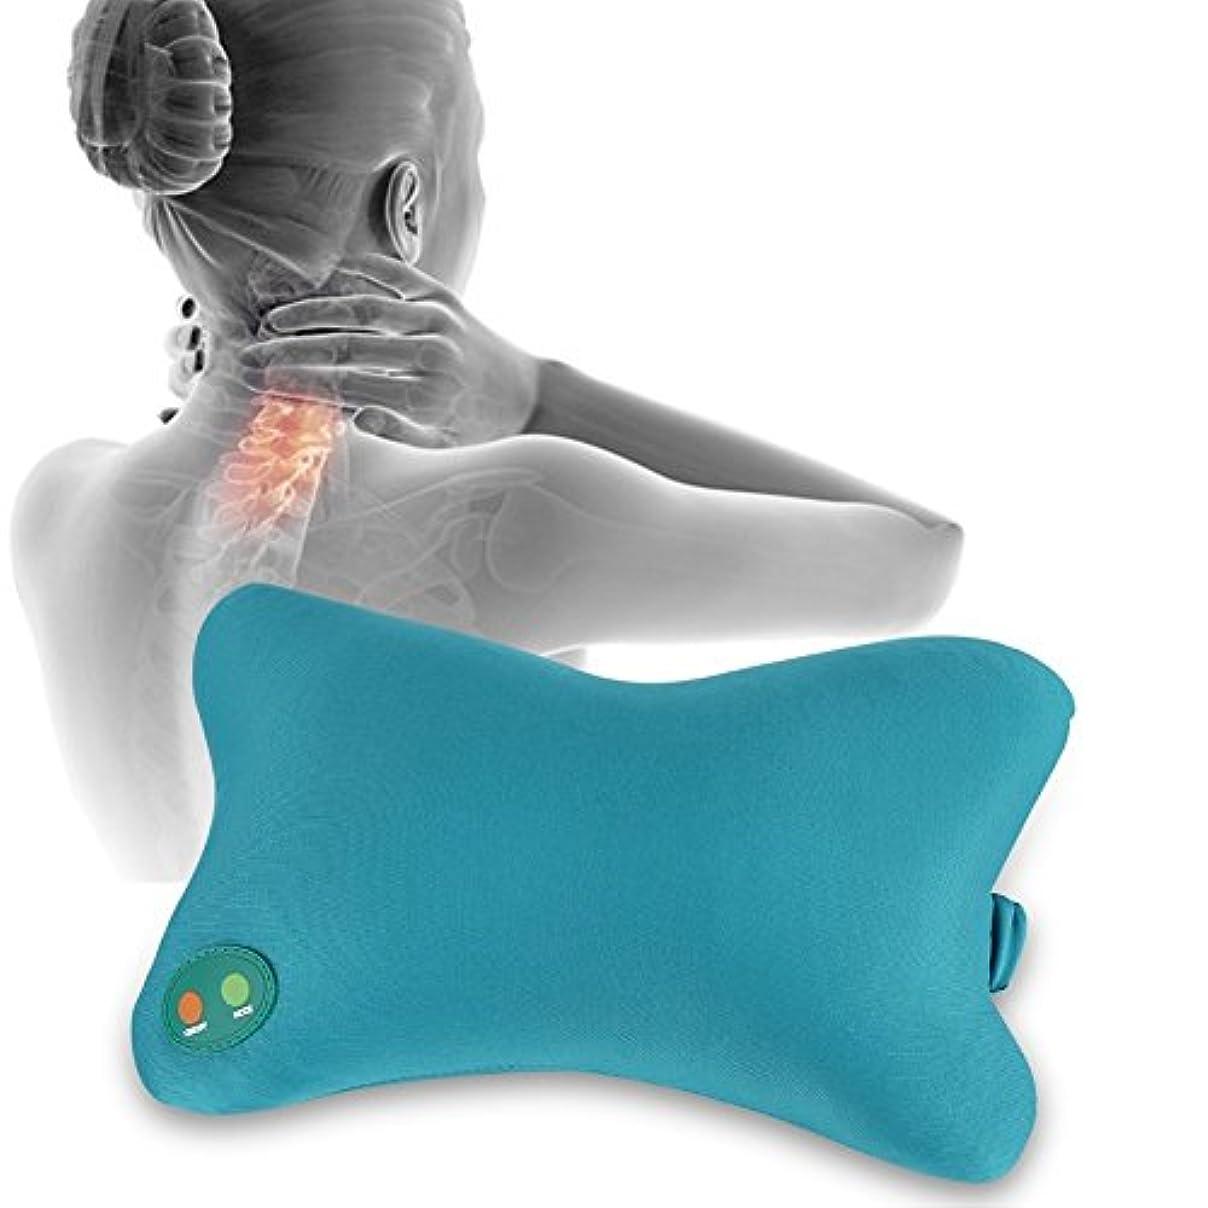 経由でクラスコート首の混練の柔らかい枕電気マッサージャー、携帯用通気性の柔らかい泡の枕振動マッサージの苦痛救助